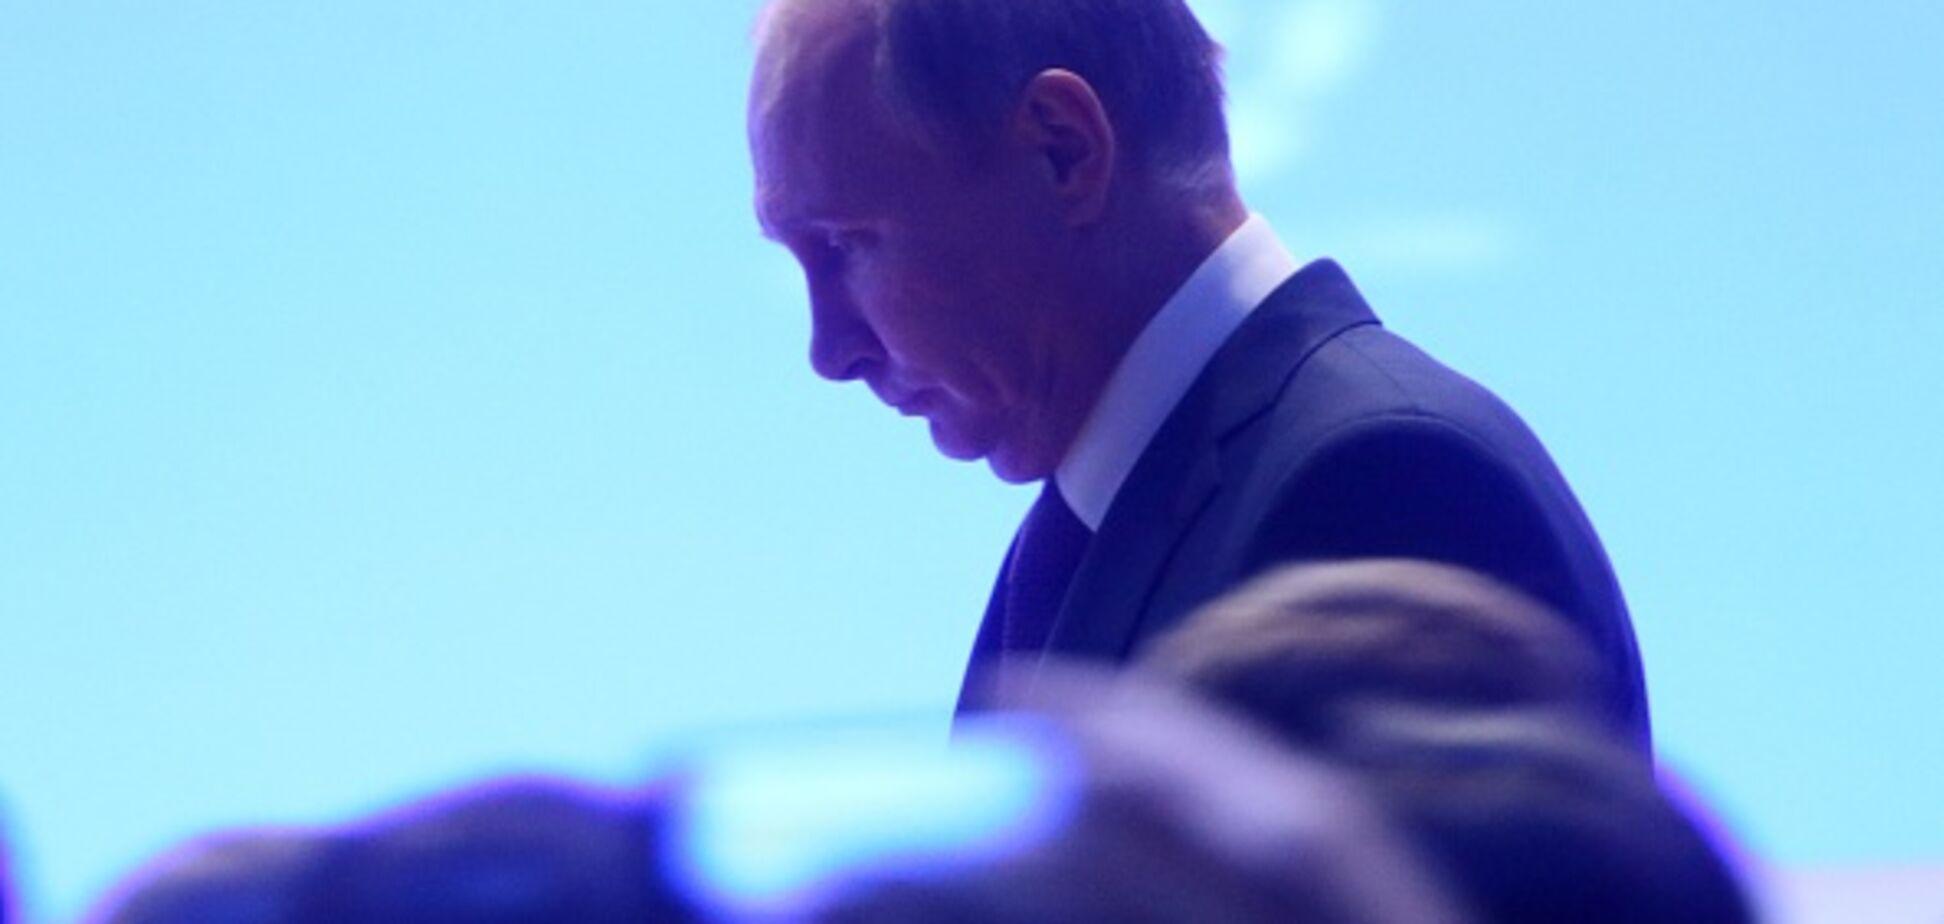 Теперь гладенький: сеть удивило изменившееся до неузнаваемости лицо Путина